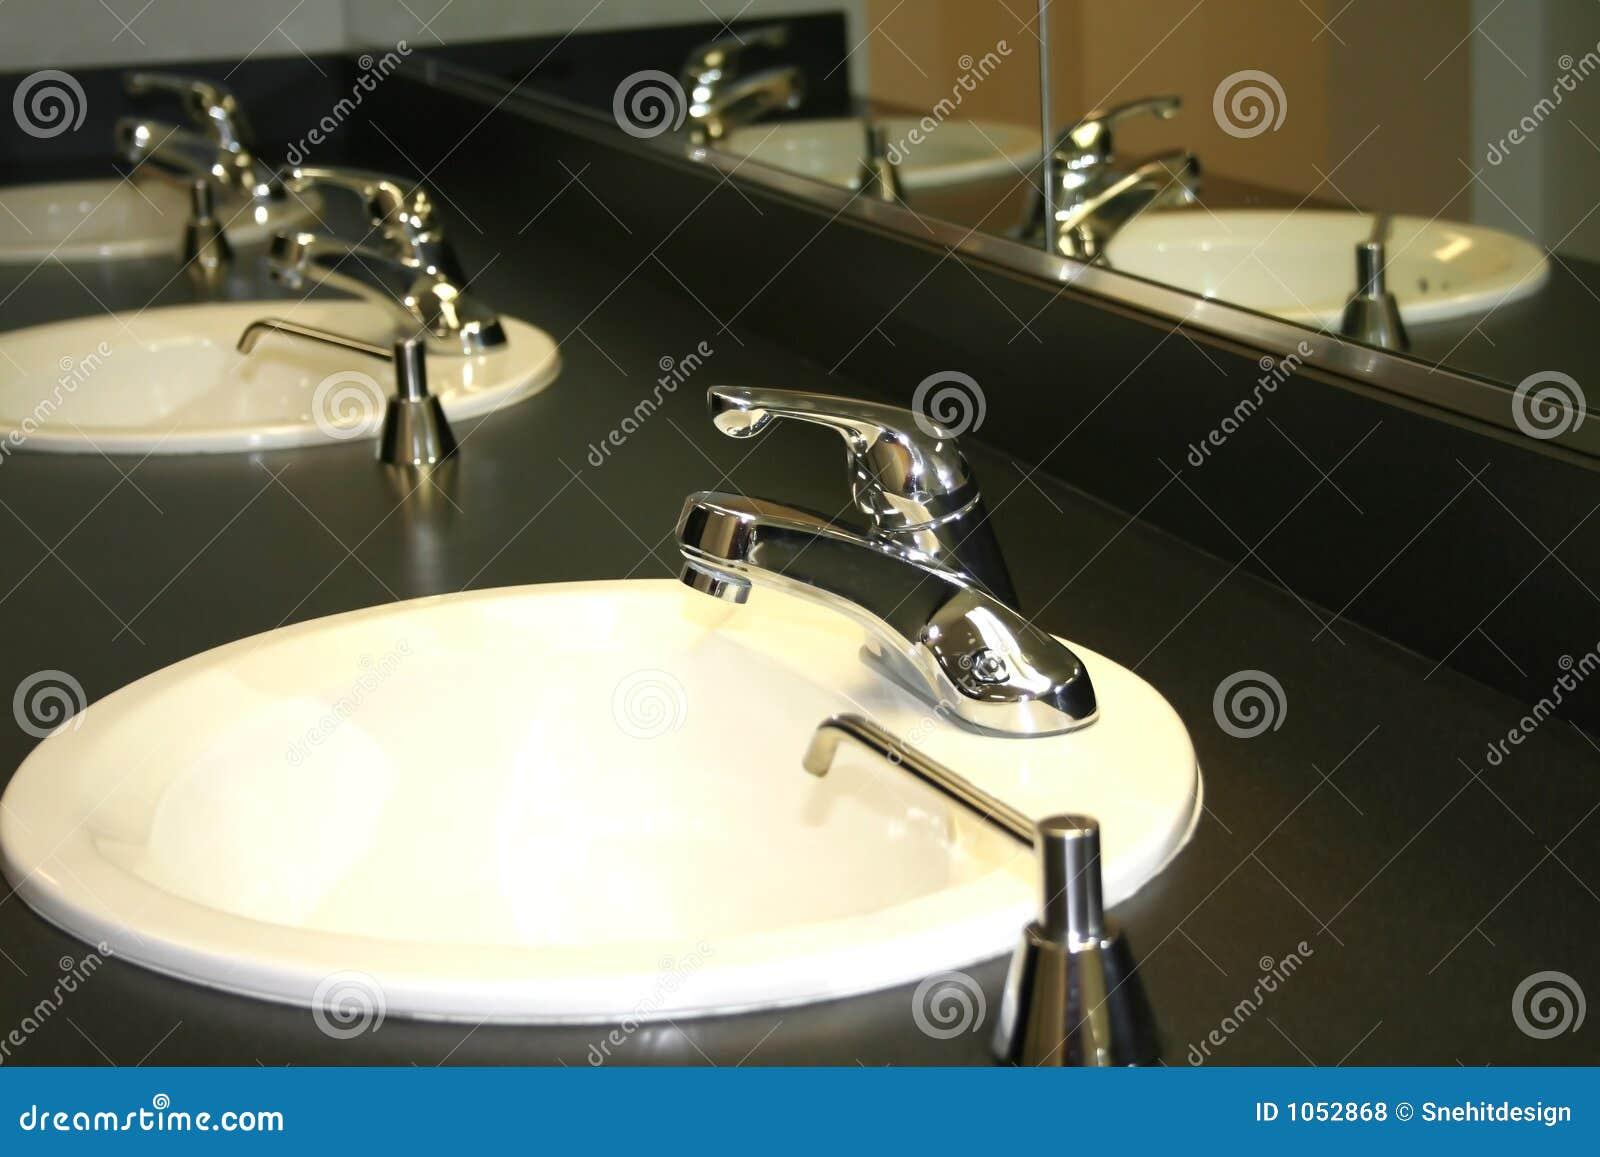 Bacias De Lavagem Do Banheiro Fotos de Stock Royalty Free Imagem  #86AC1F 1300 957